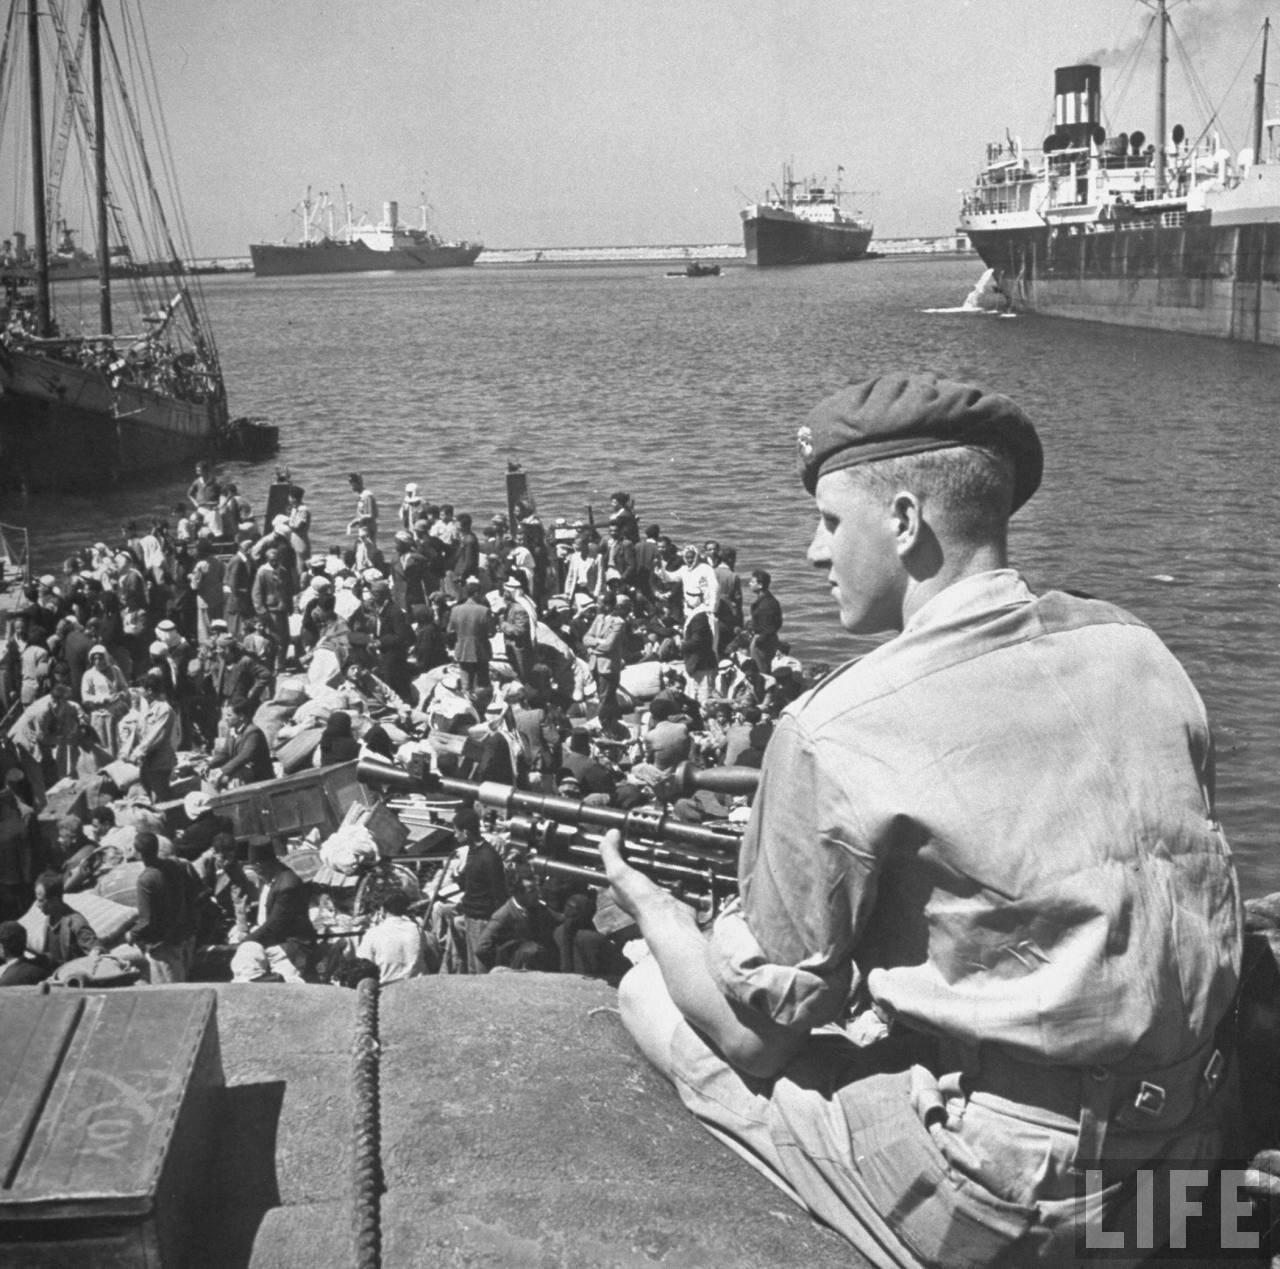 1948. Арабские беженцы штурмуют британский корабль в Акко